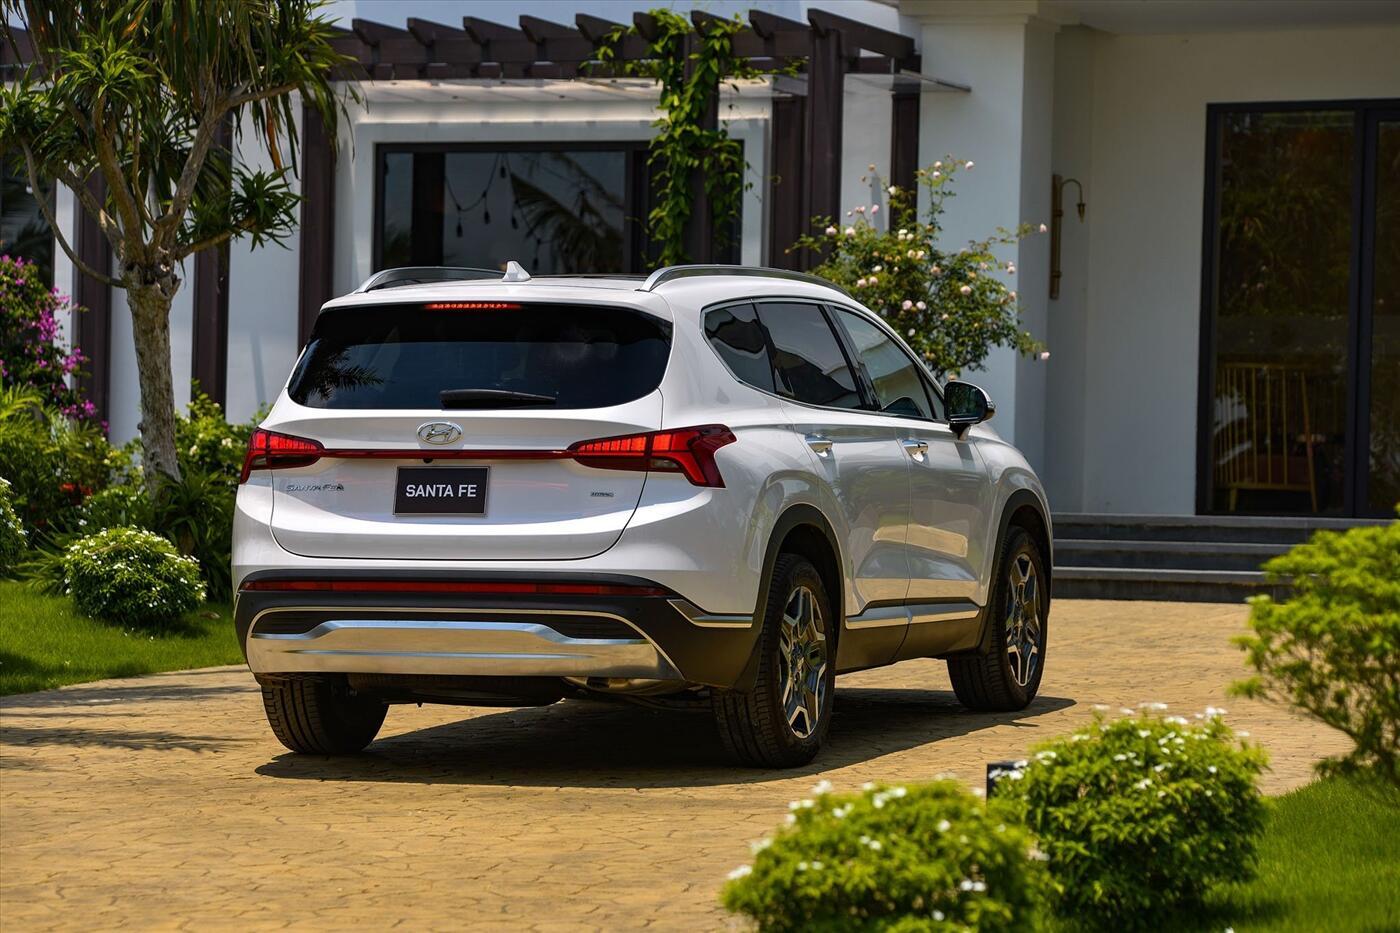 Hyundai Santa Fe 2.2 Dầu - Hình 9